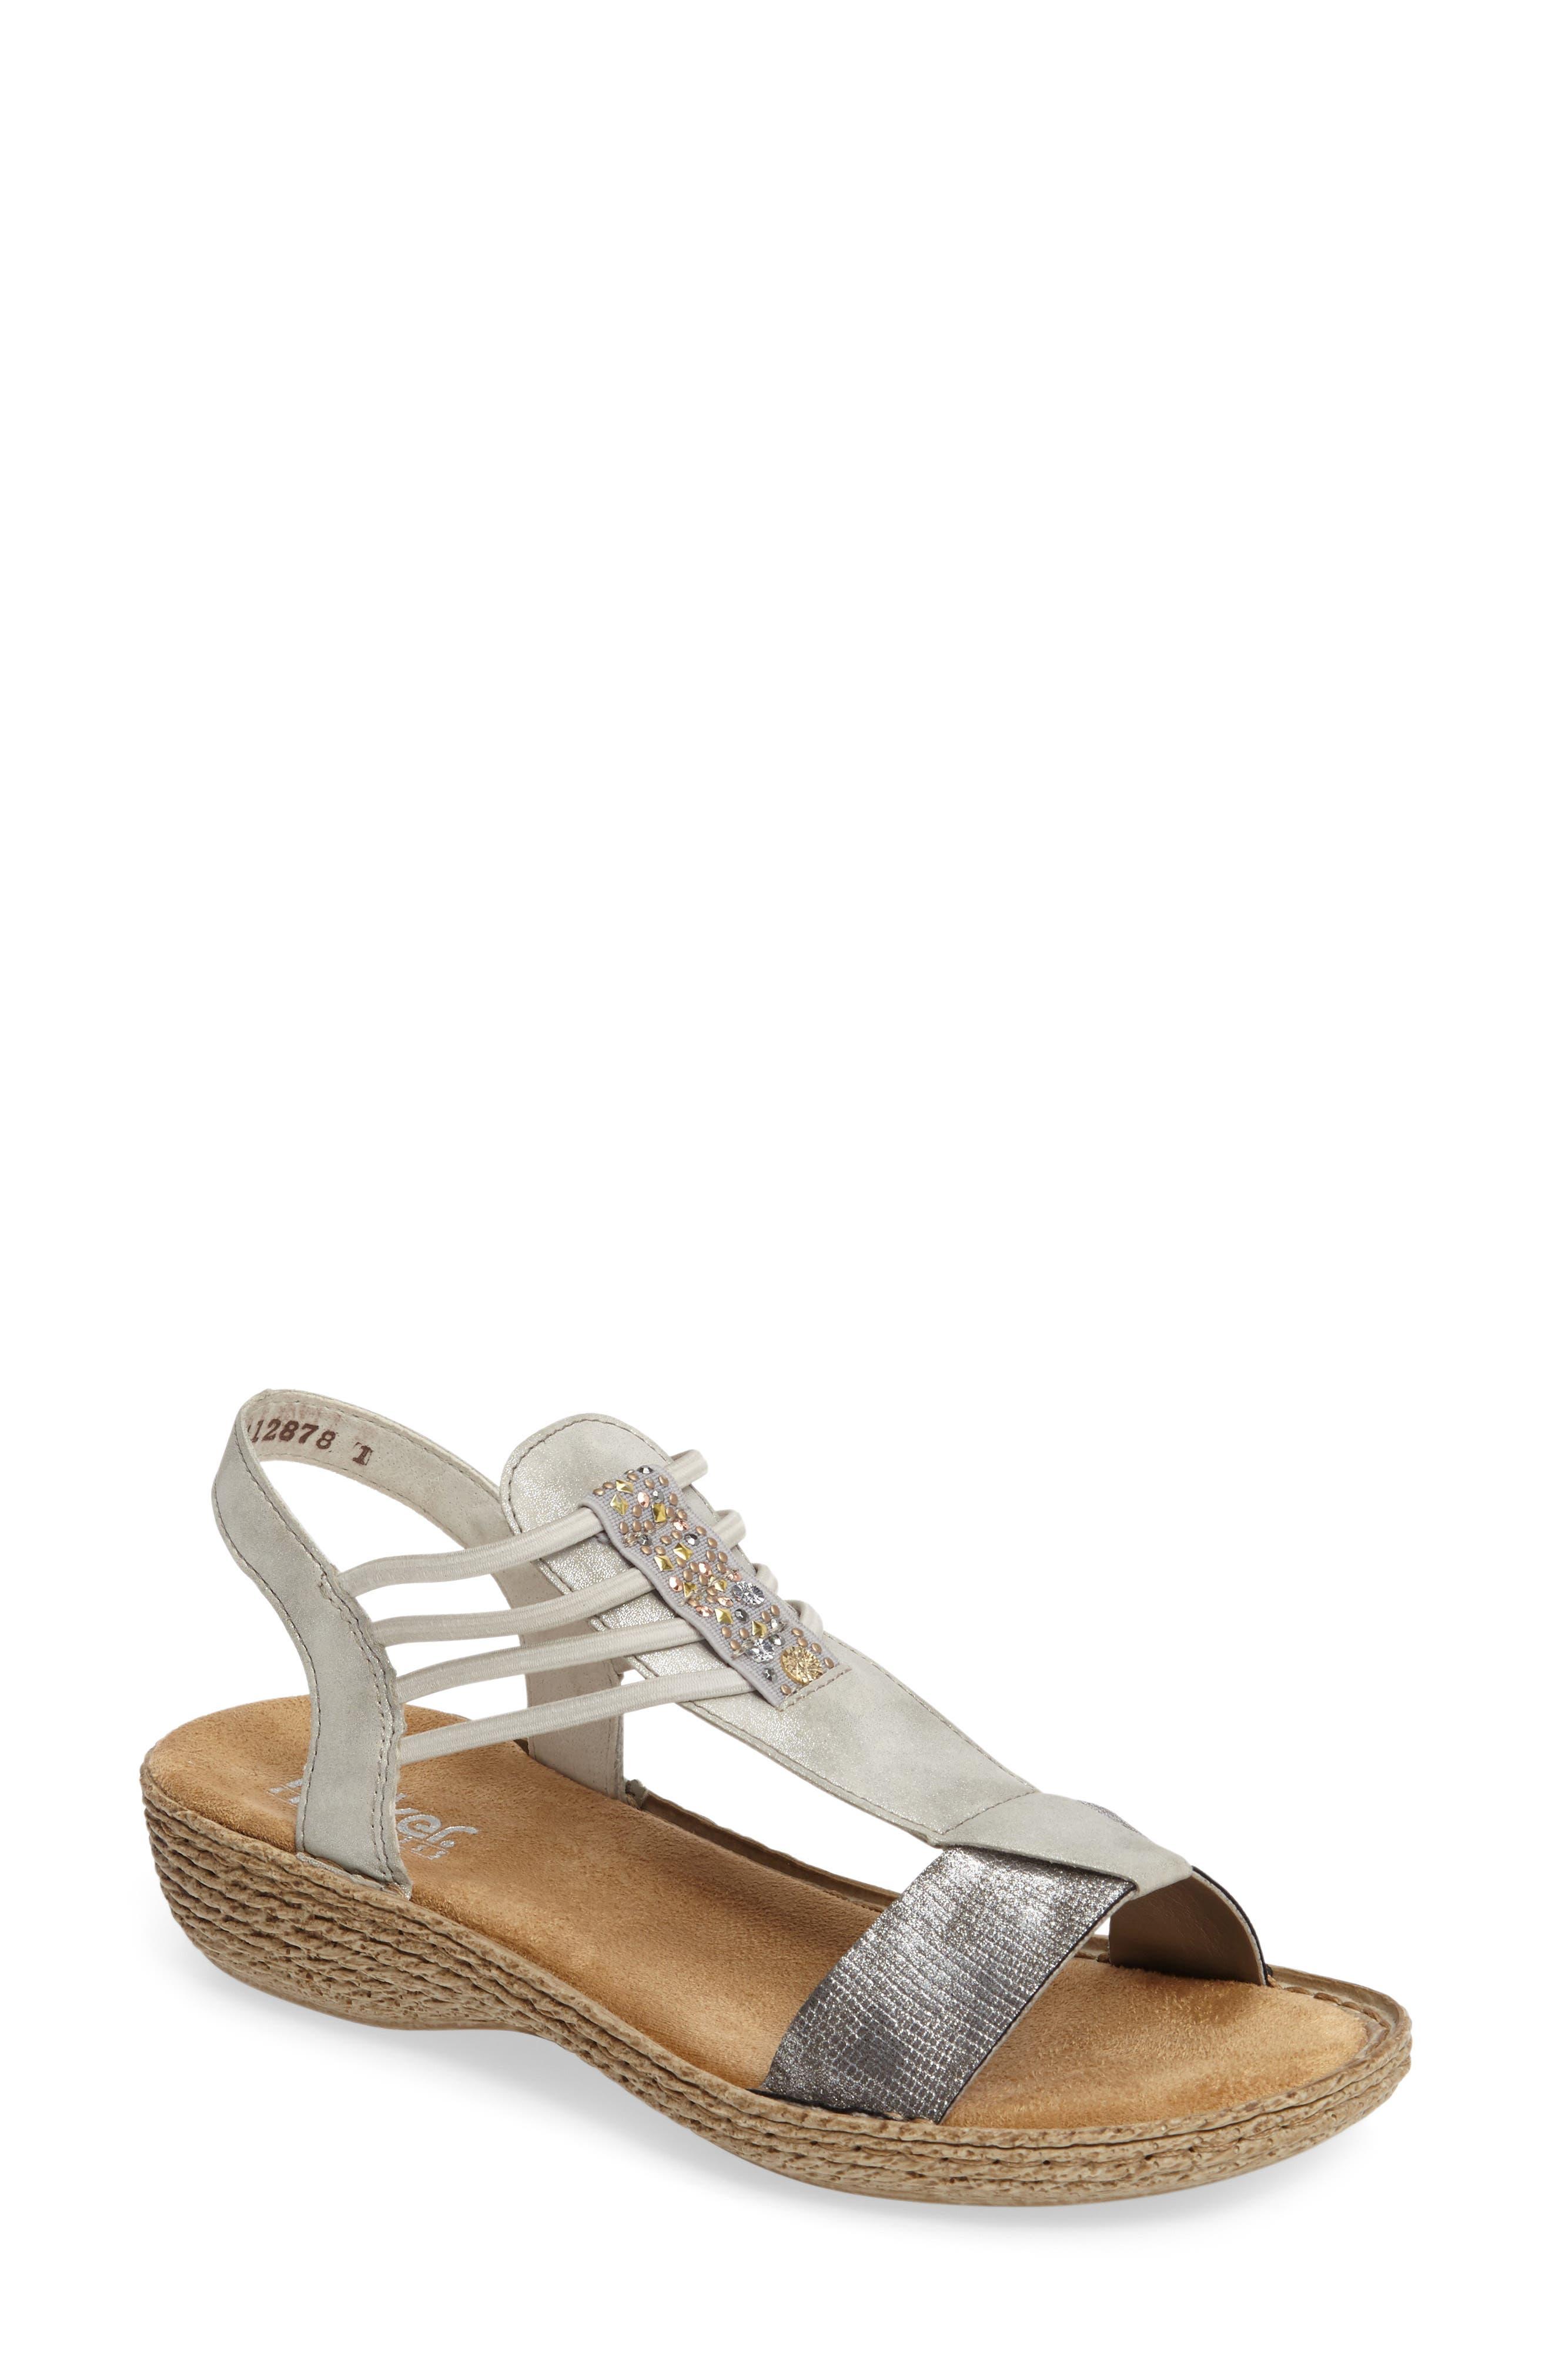 Regina T-Strap Sandal,                             Main thumbnail 1, color,                             061